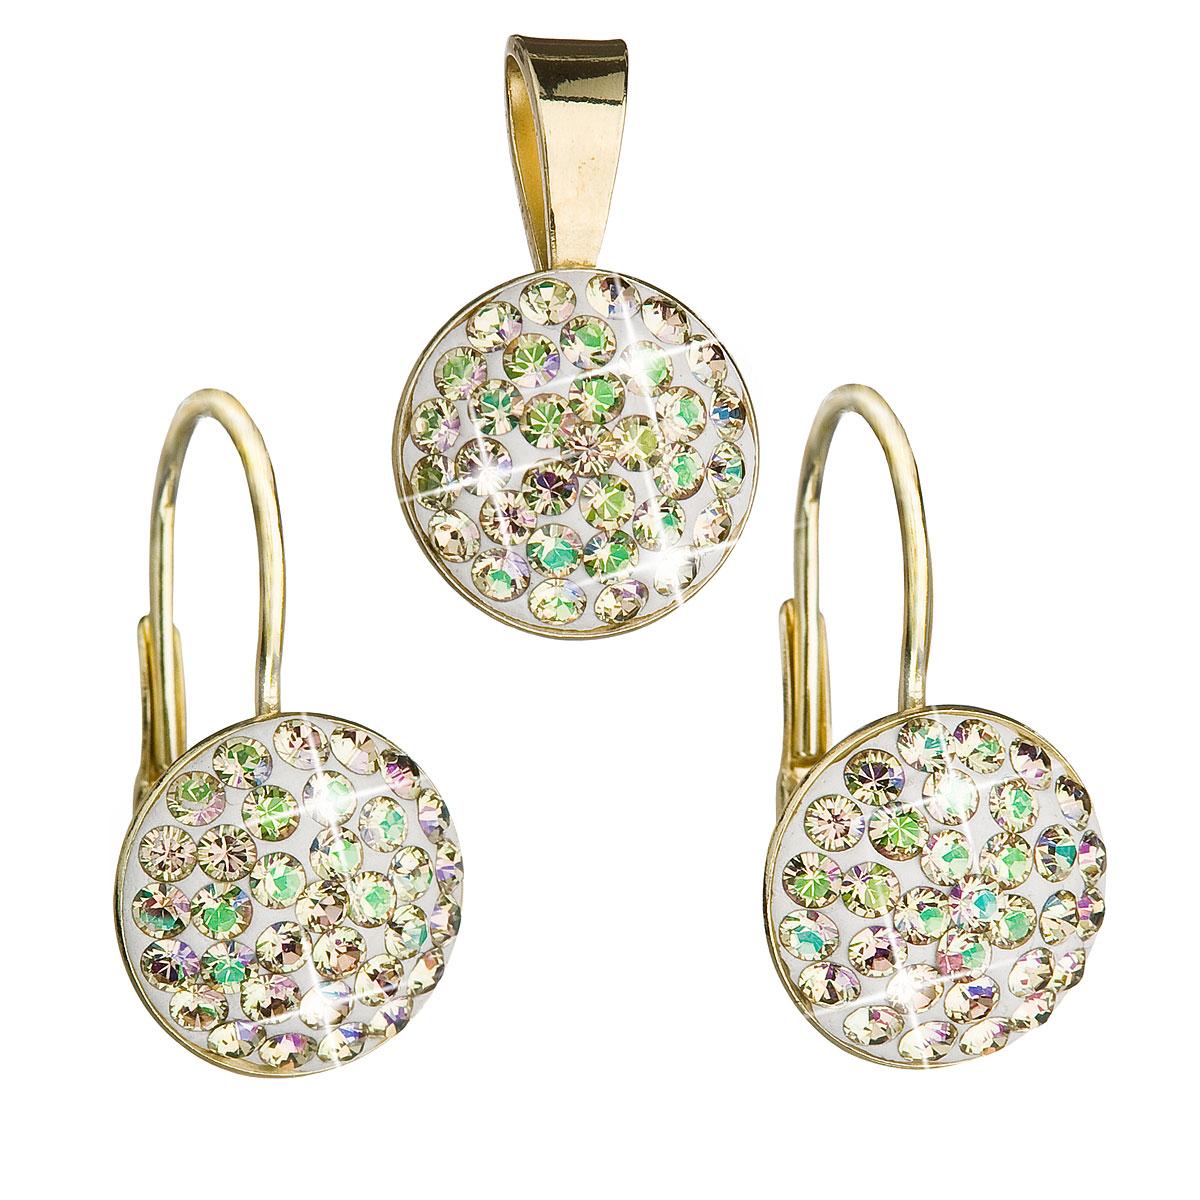 Evolution Group Sada šperků s krystaly Swarovski náušnice a přívěsek zlaté kulaté 39086.6, dárkové balení